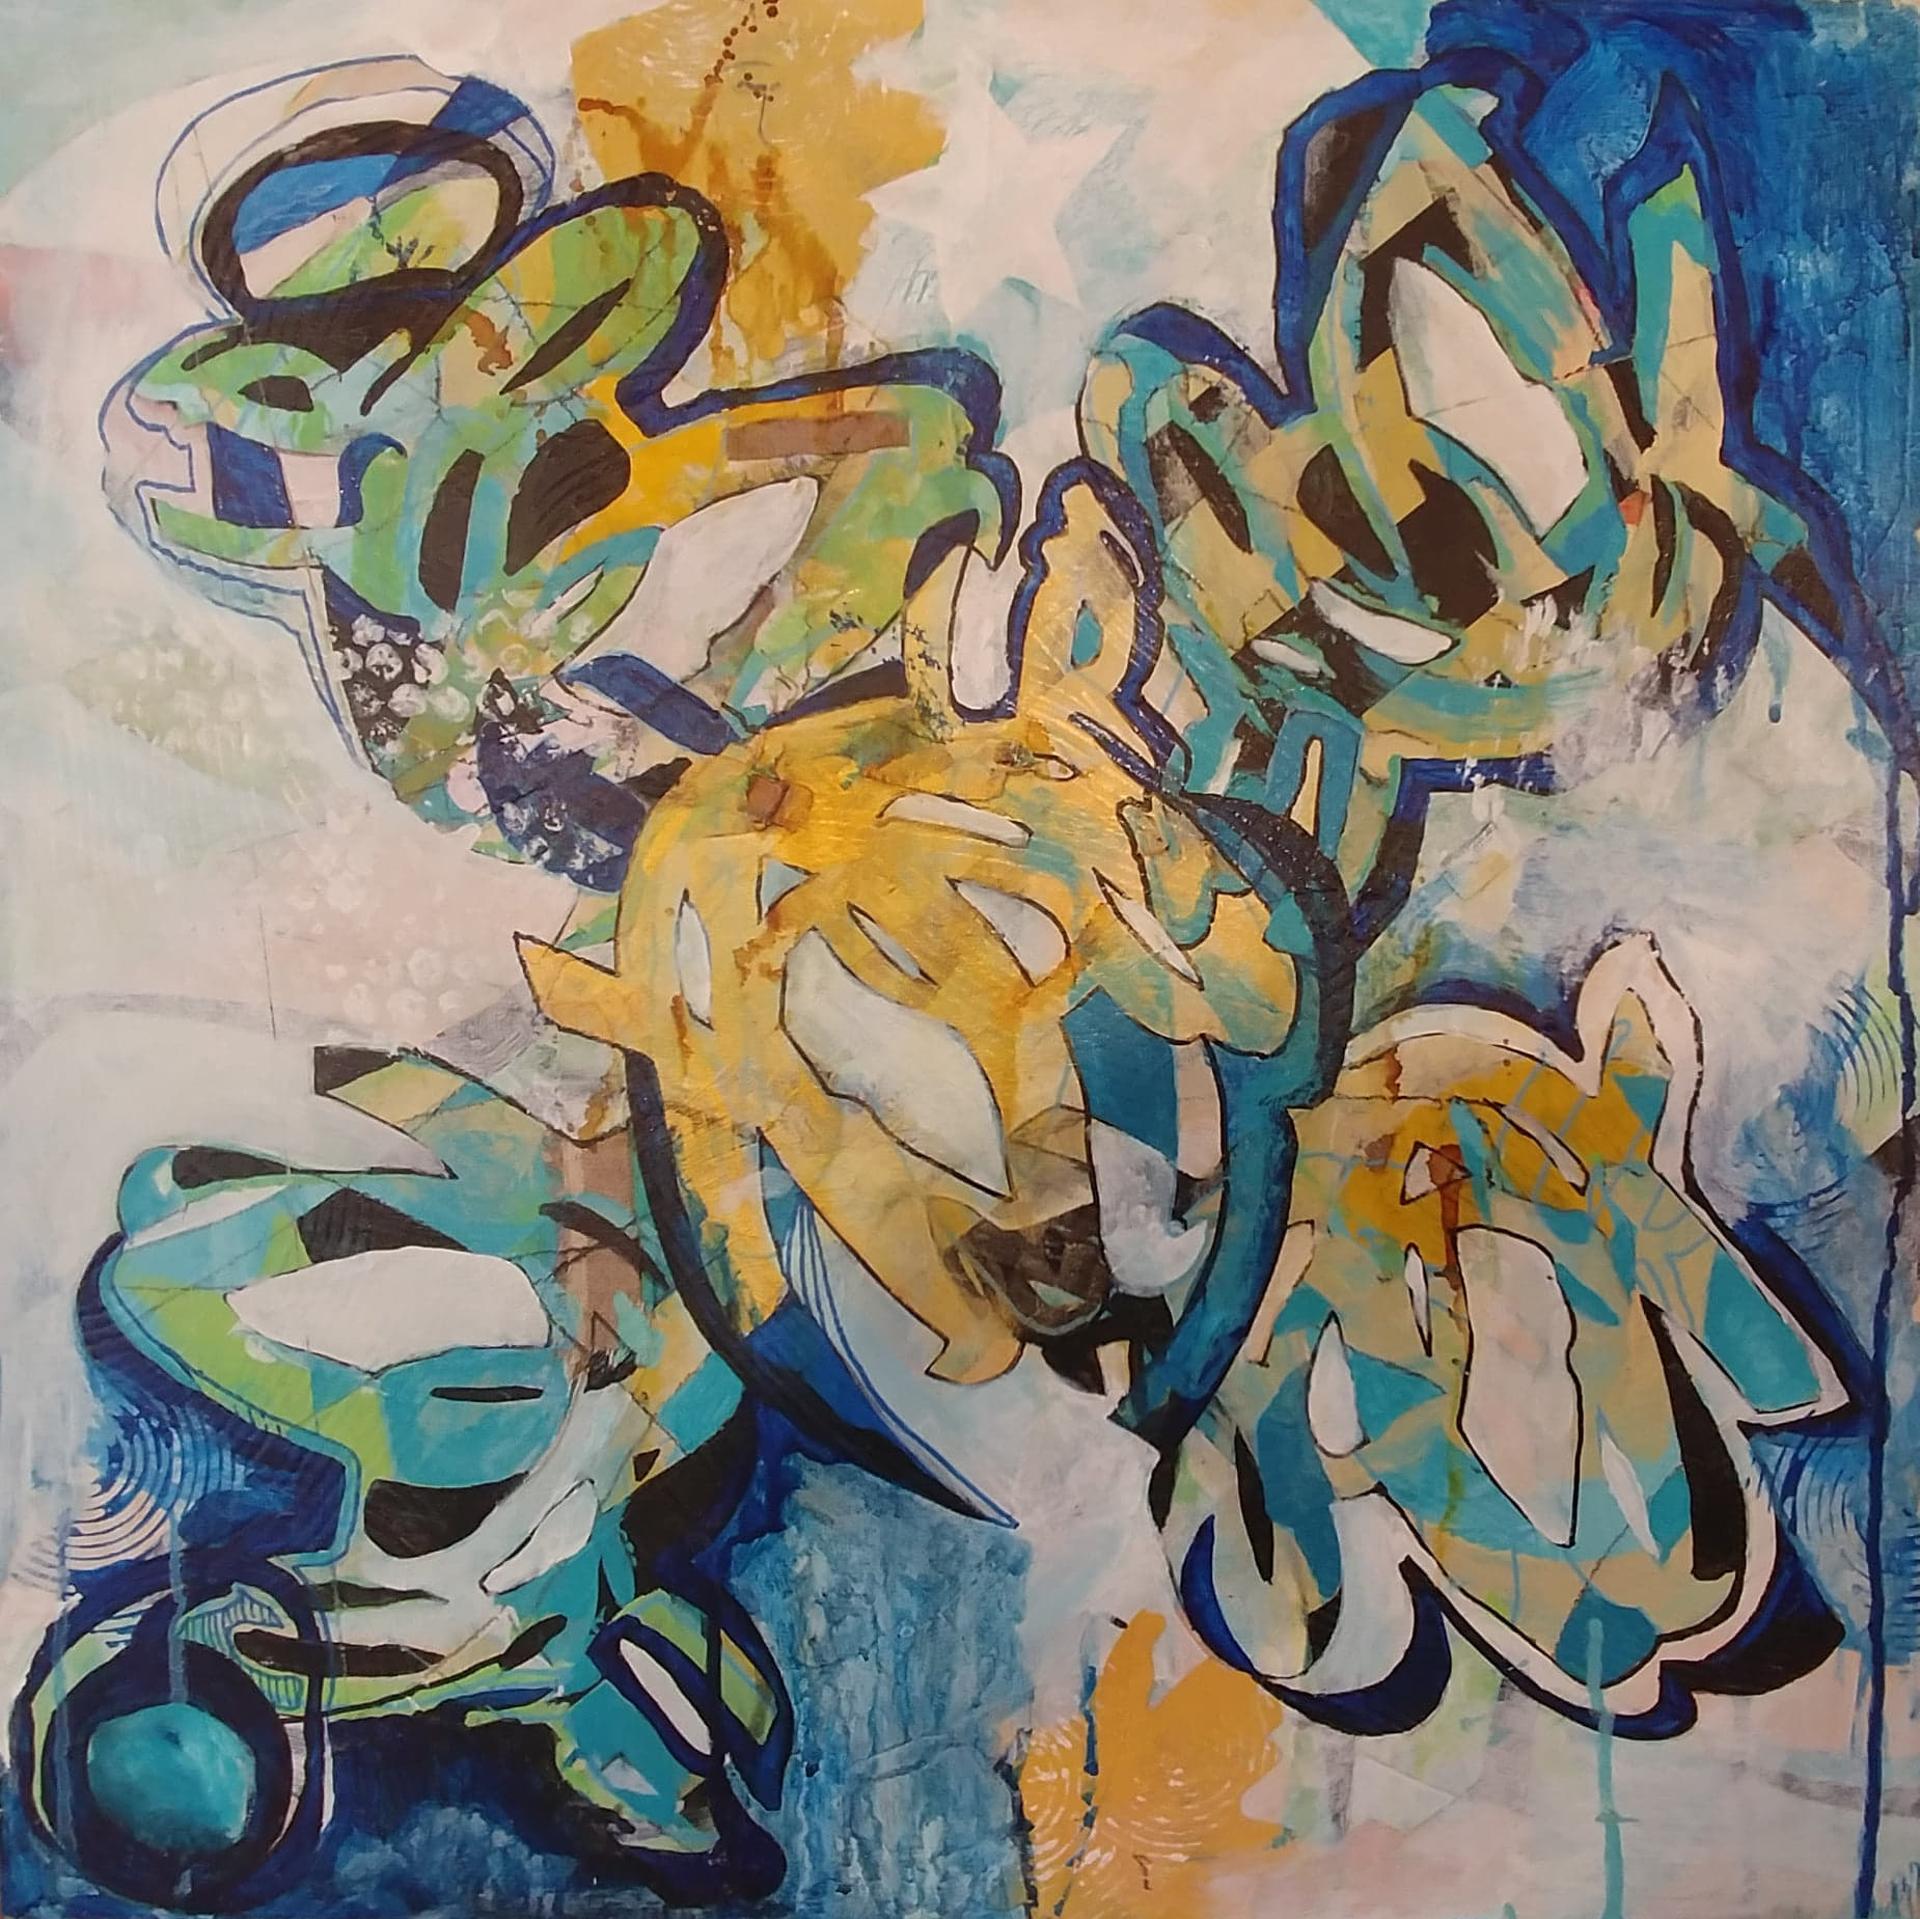 Urban Graffiti by Benita Cole (McMinnville, OR)